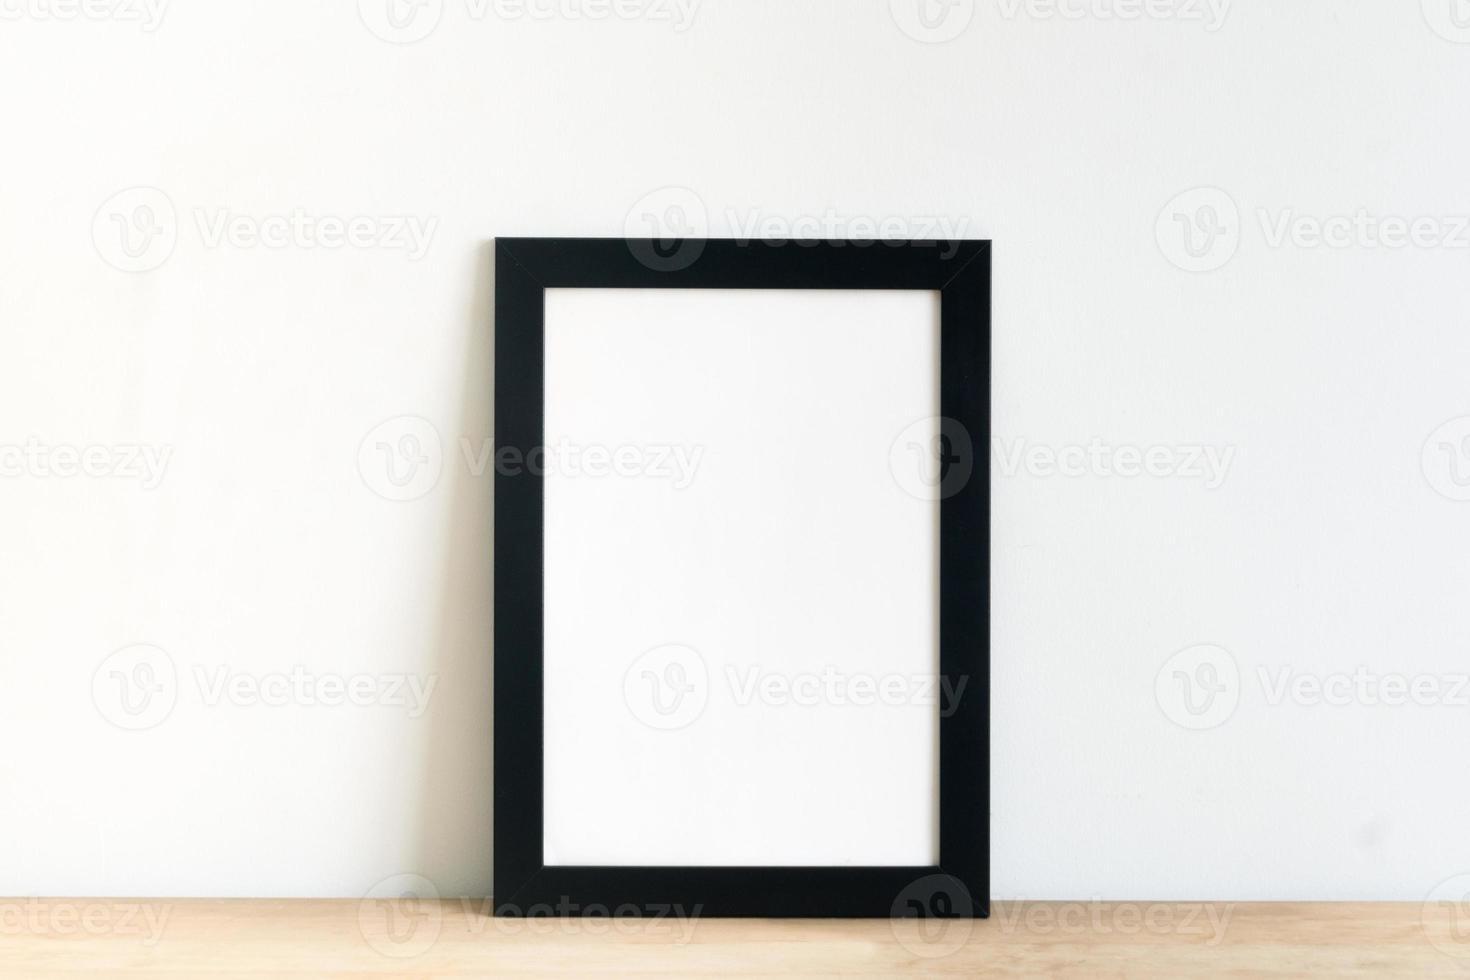 cadre photo noir blanc sur le fond intérieur blanc